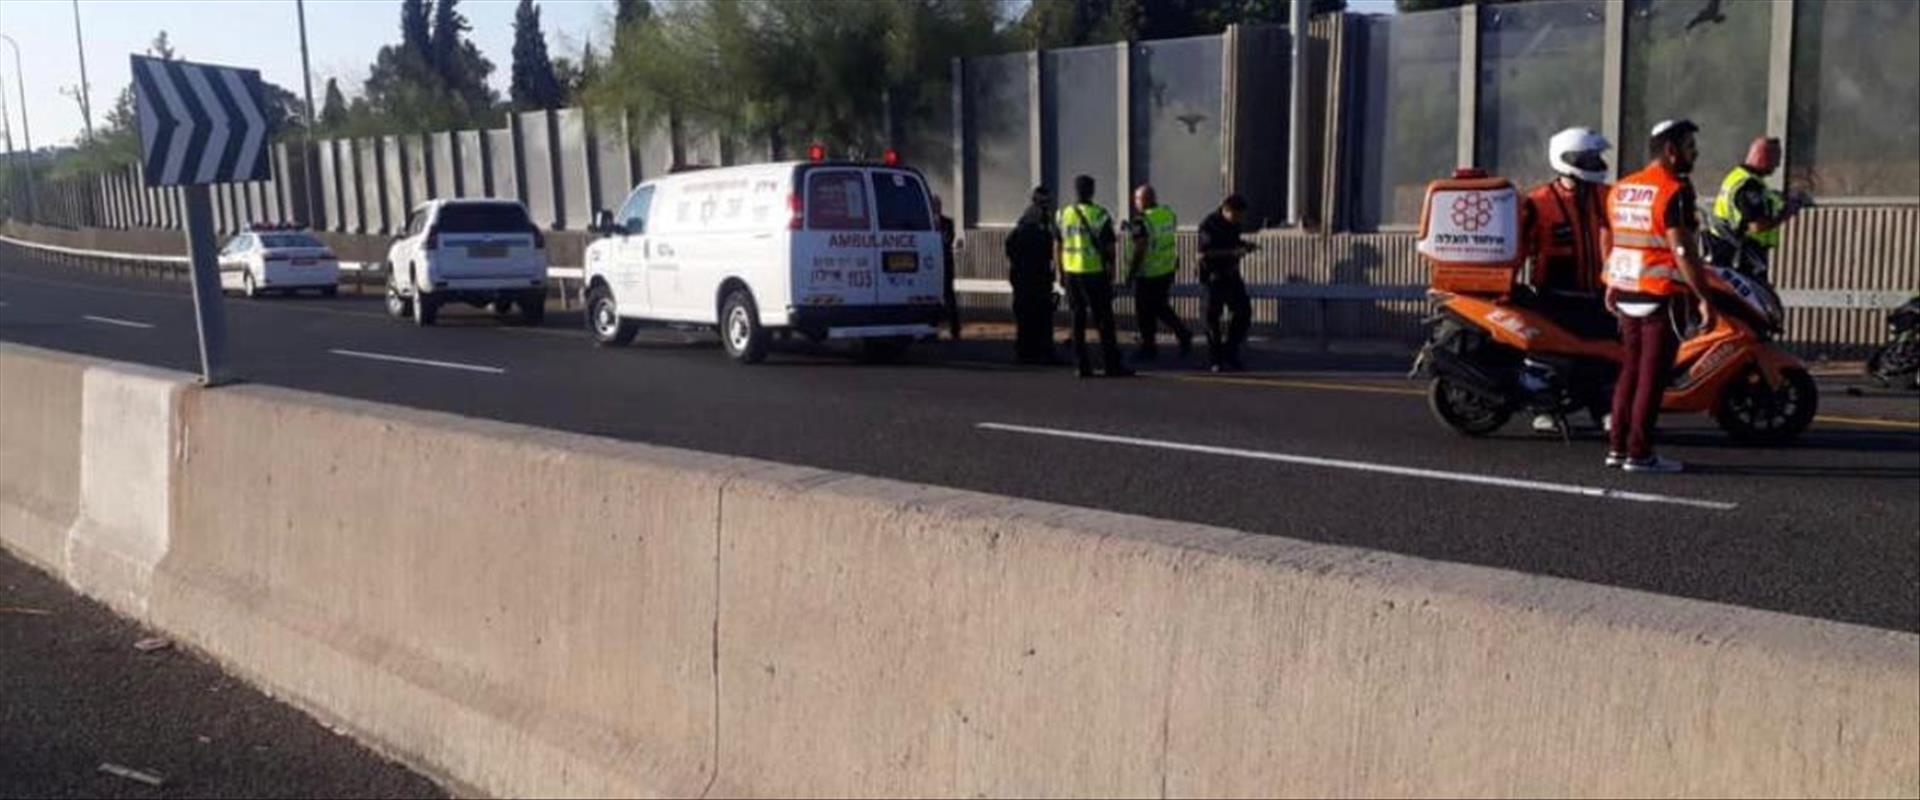 זירת התאונה בכביש 443 שבה נהרג ריאד אבו שוקרי